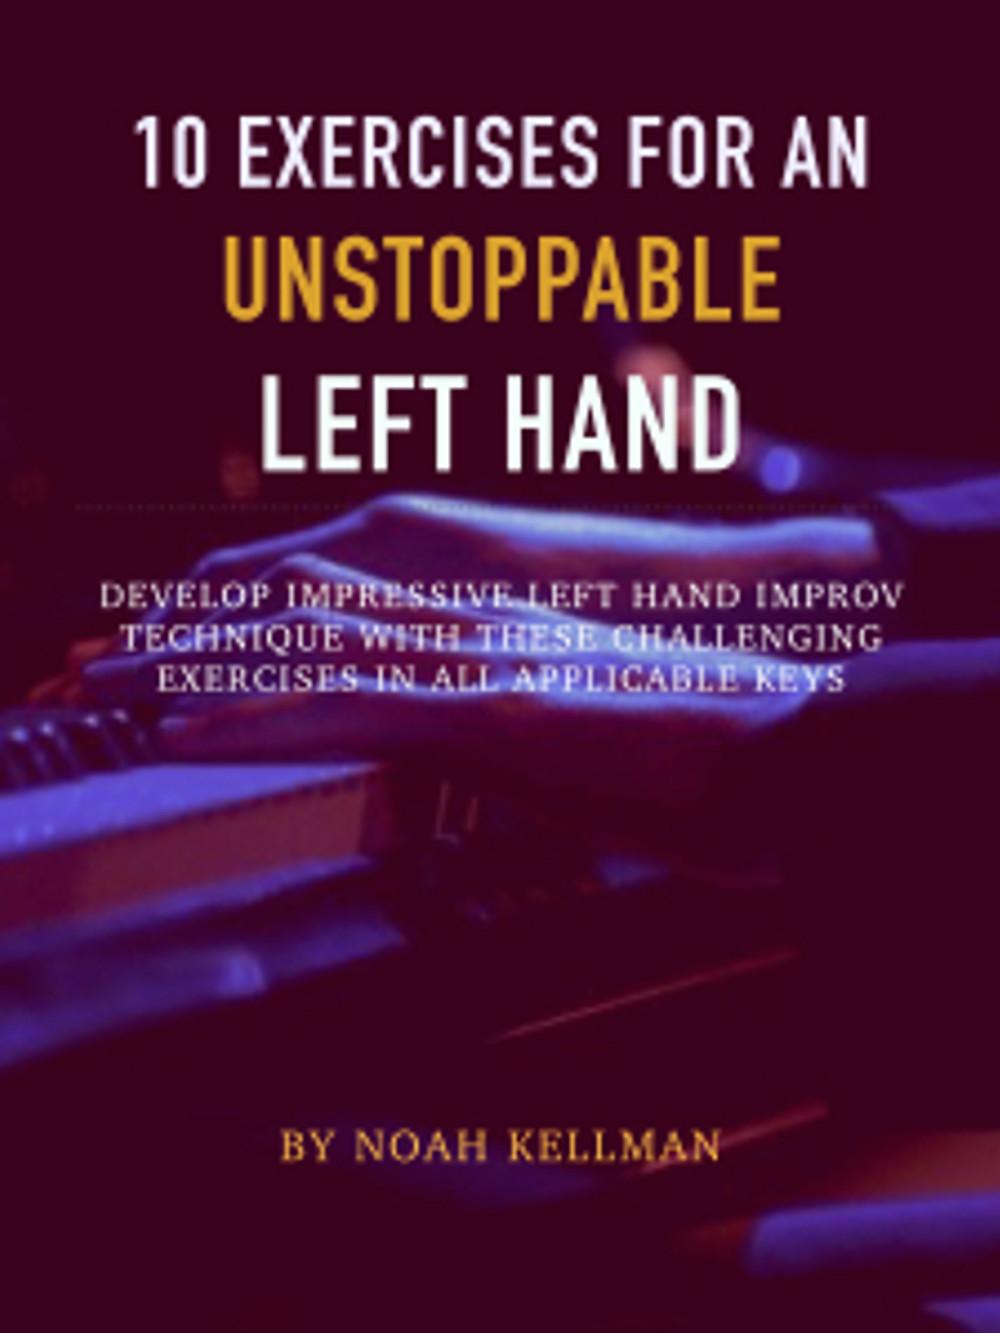 10 Left Hand Exercises JPG